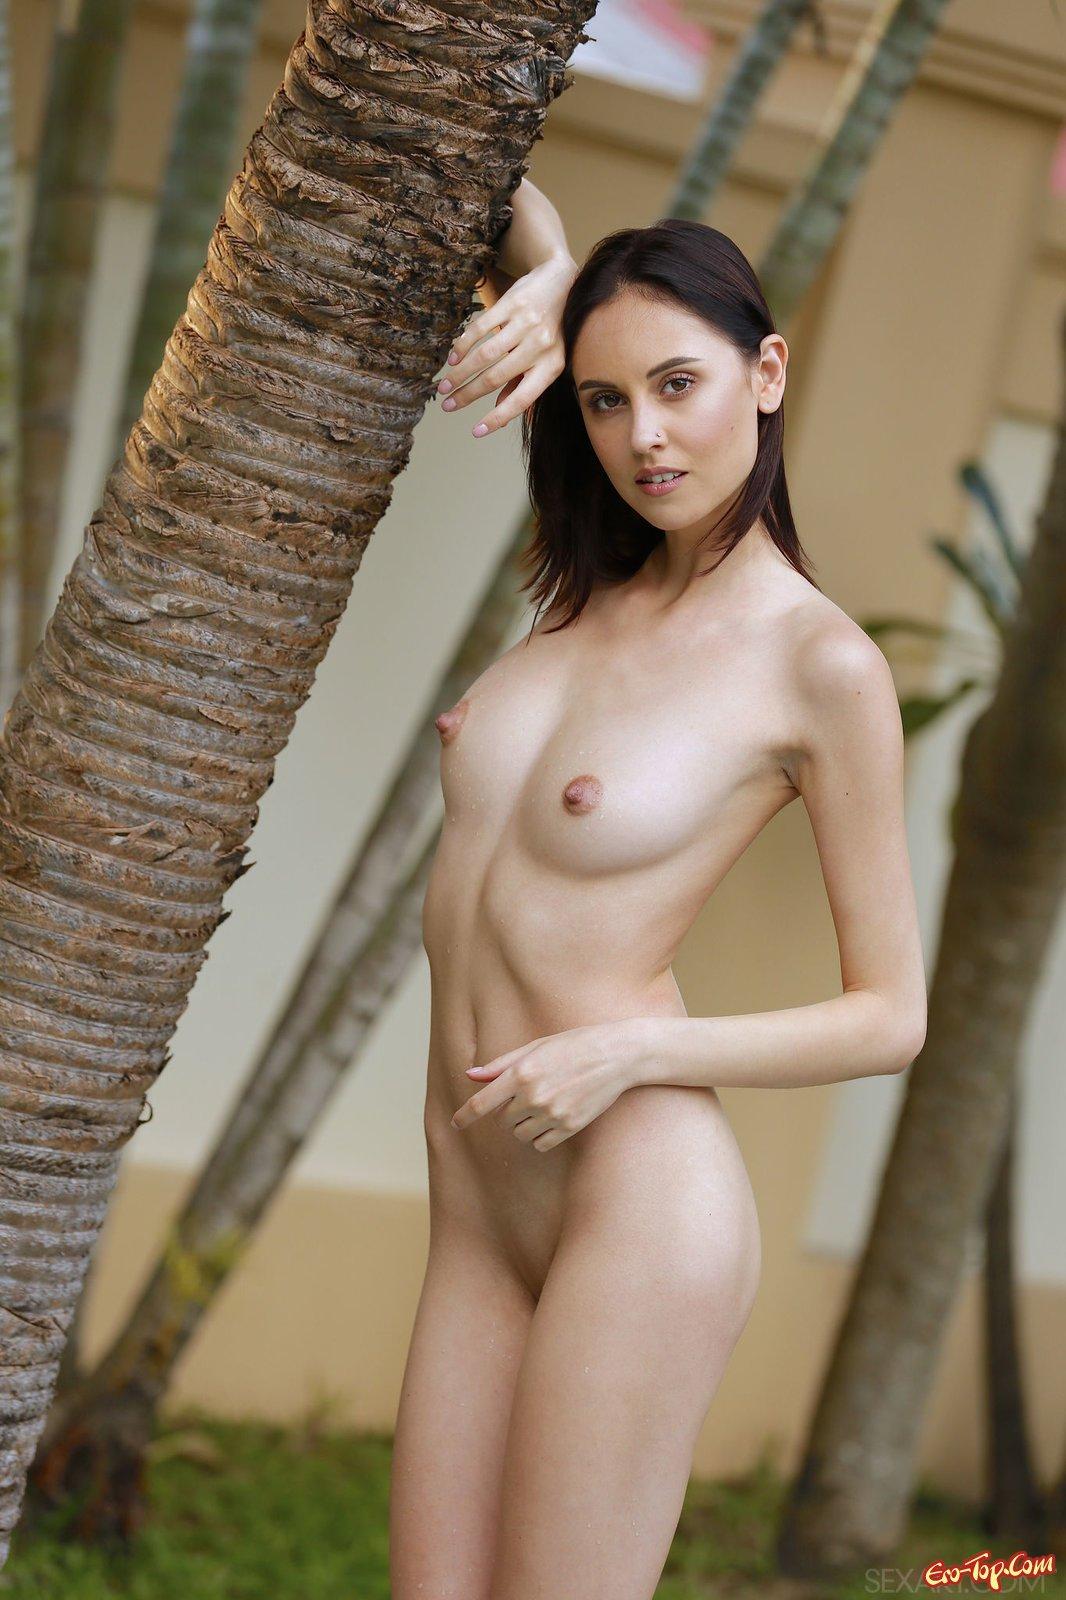 русская девушка сняла купальник